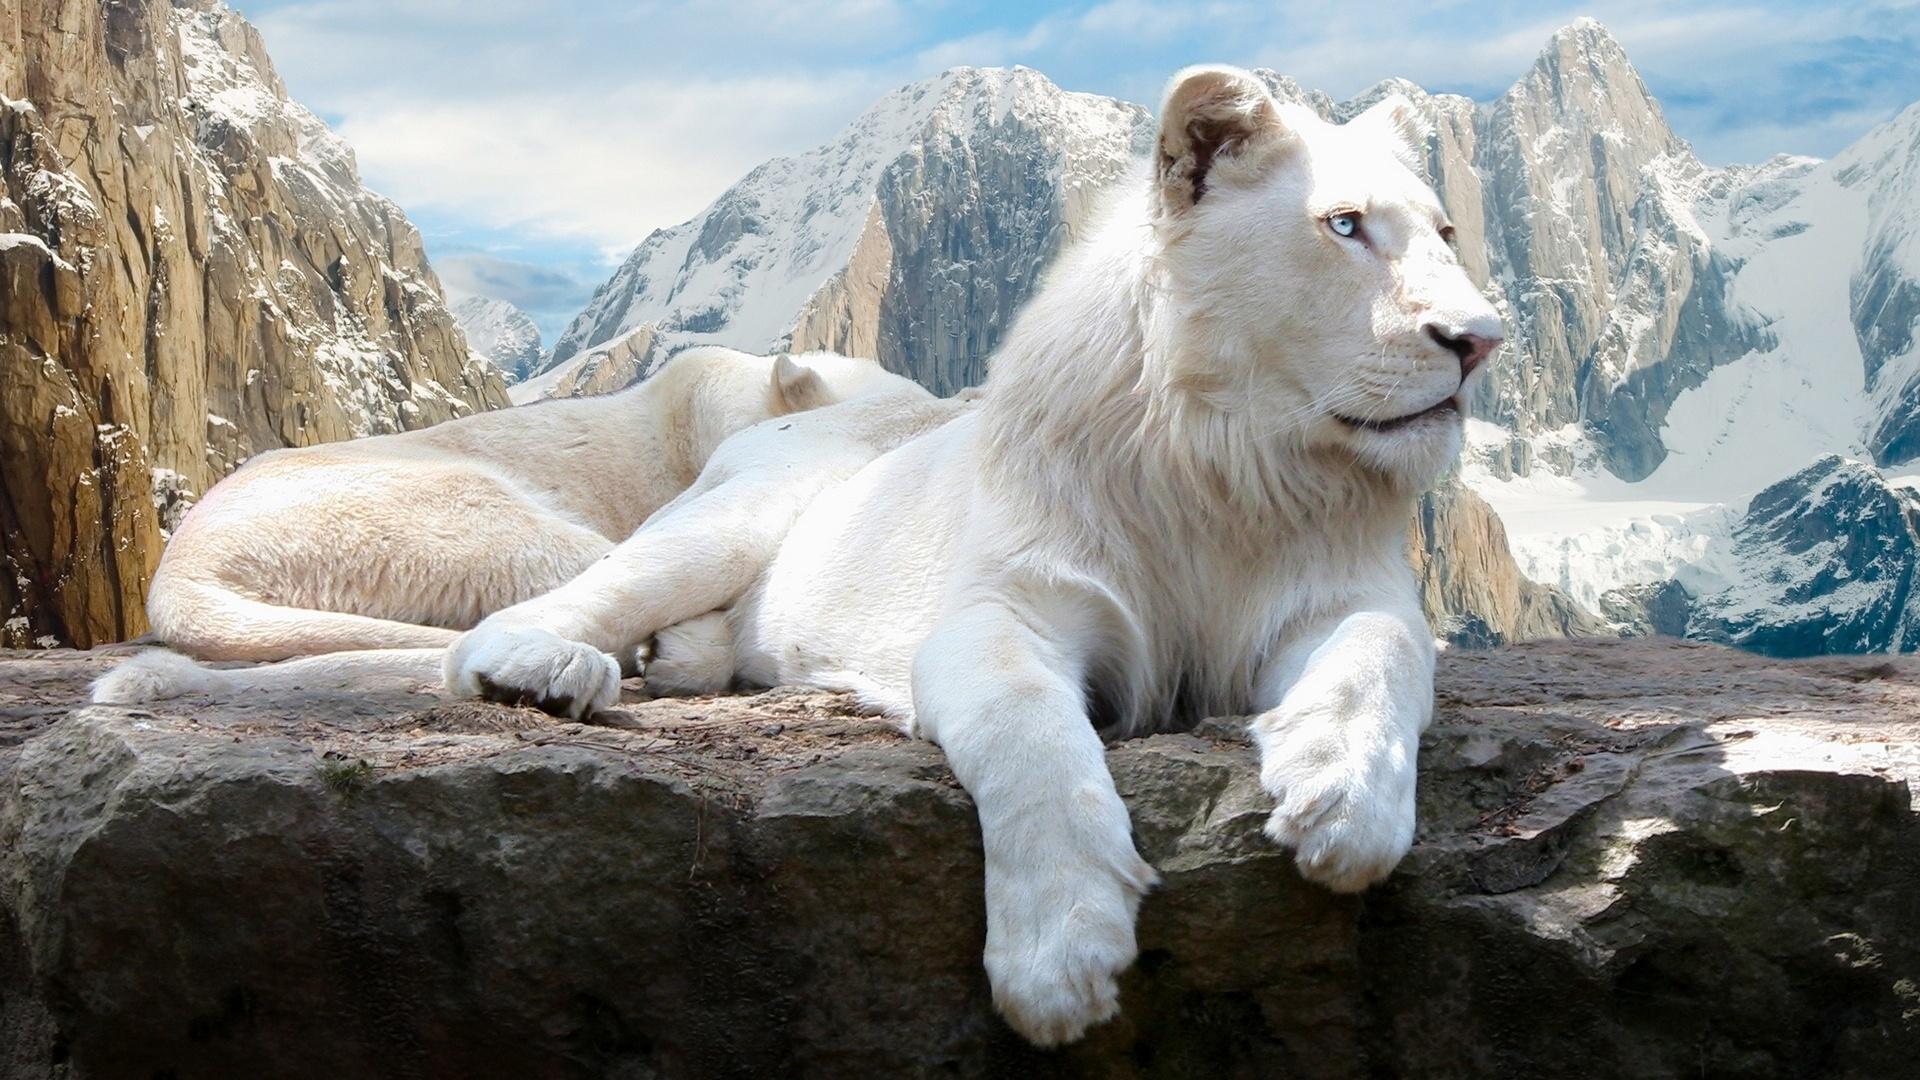 On mountain wallpaper white lion on mountain free wallpaper download